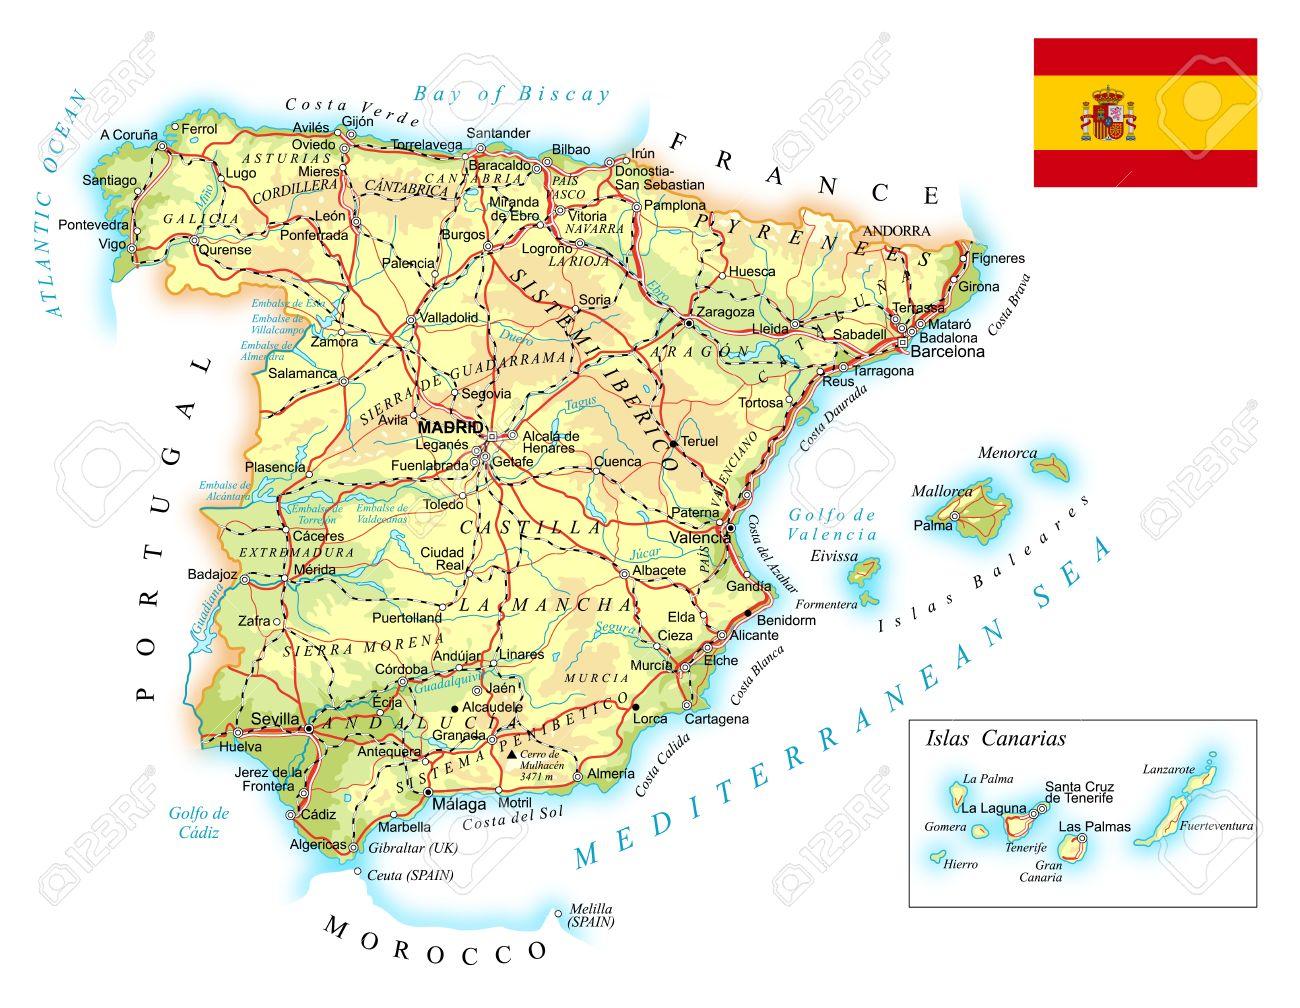 Carte Espagne Gijon.Espagne Carte Topographique Detaillee Illustration Plan Contient Contours Topographiques Pays Et Terres Noms Des Villes Des Objets De L Eau